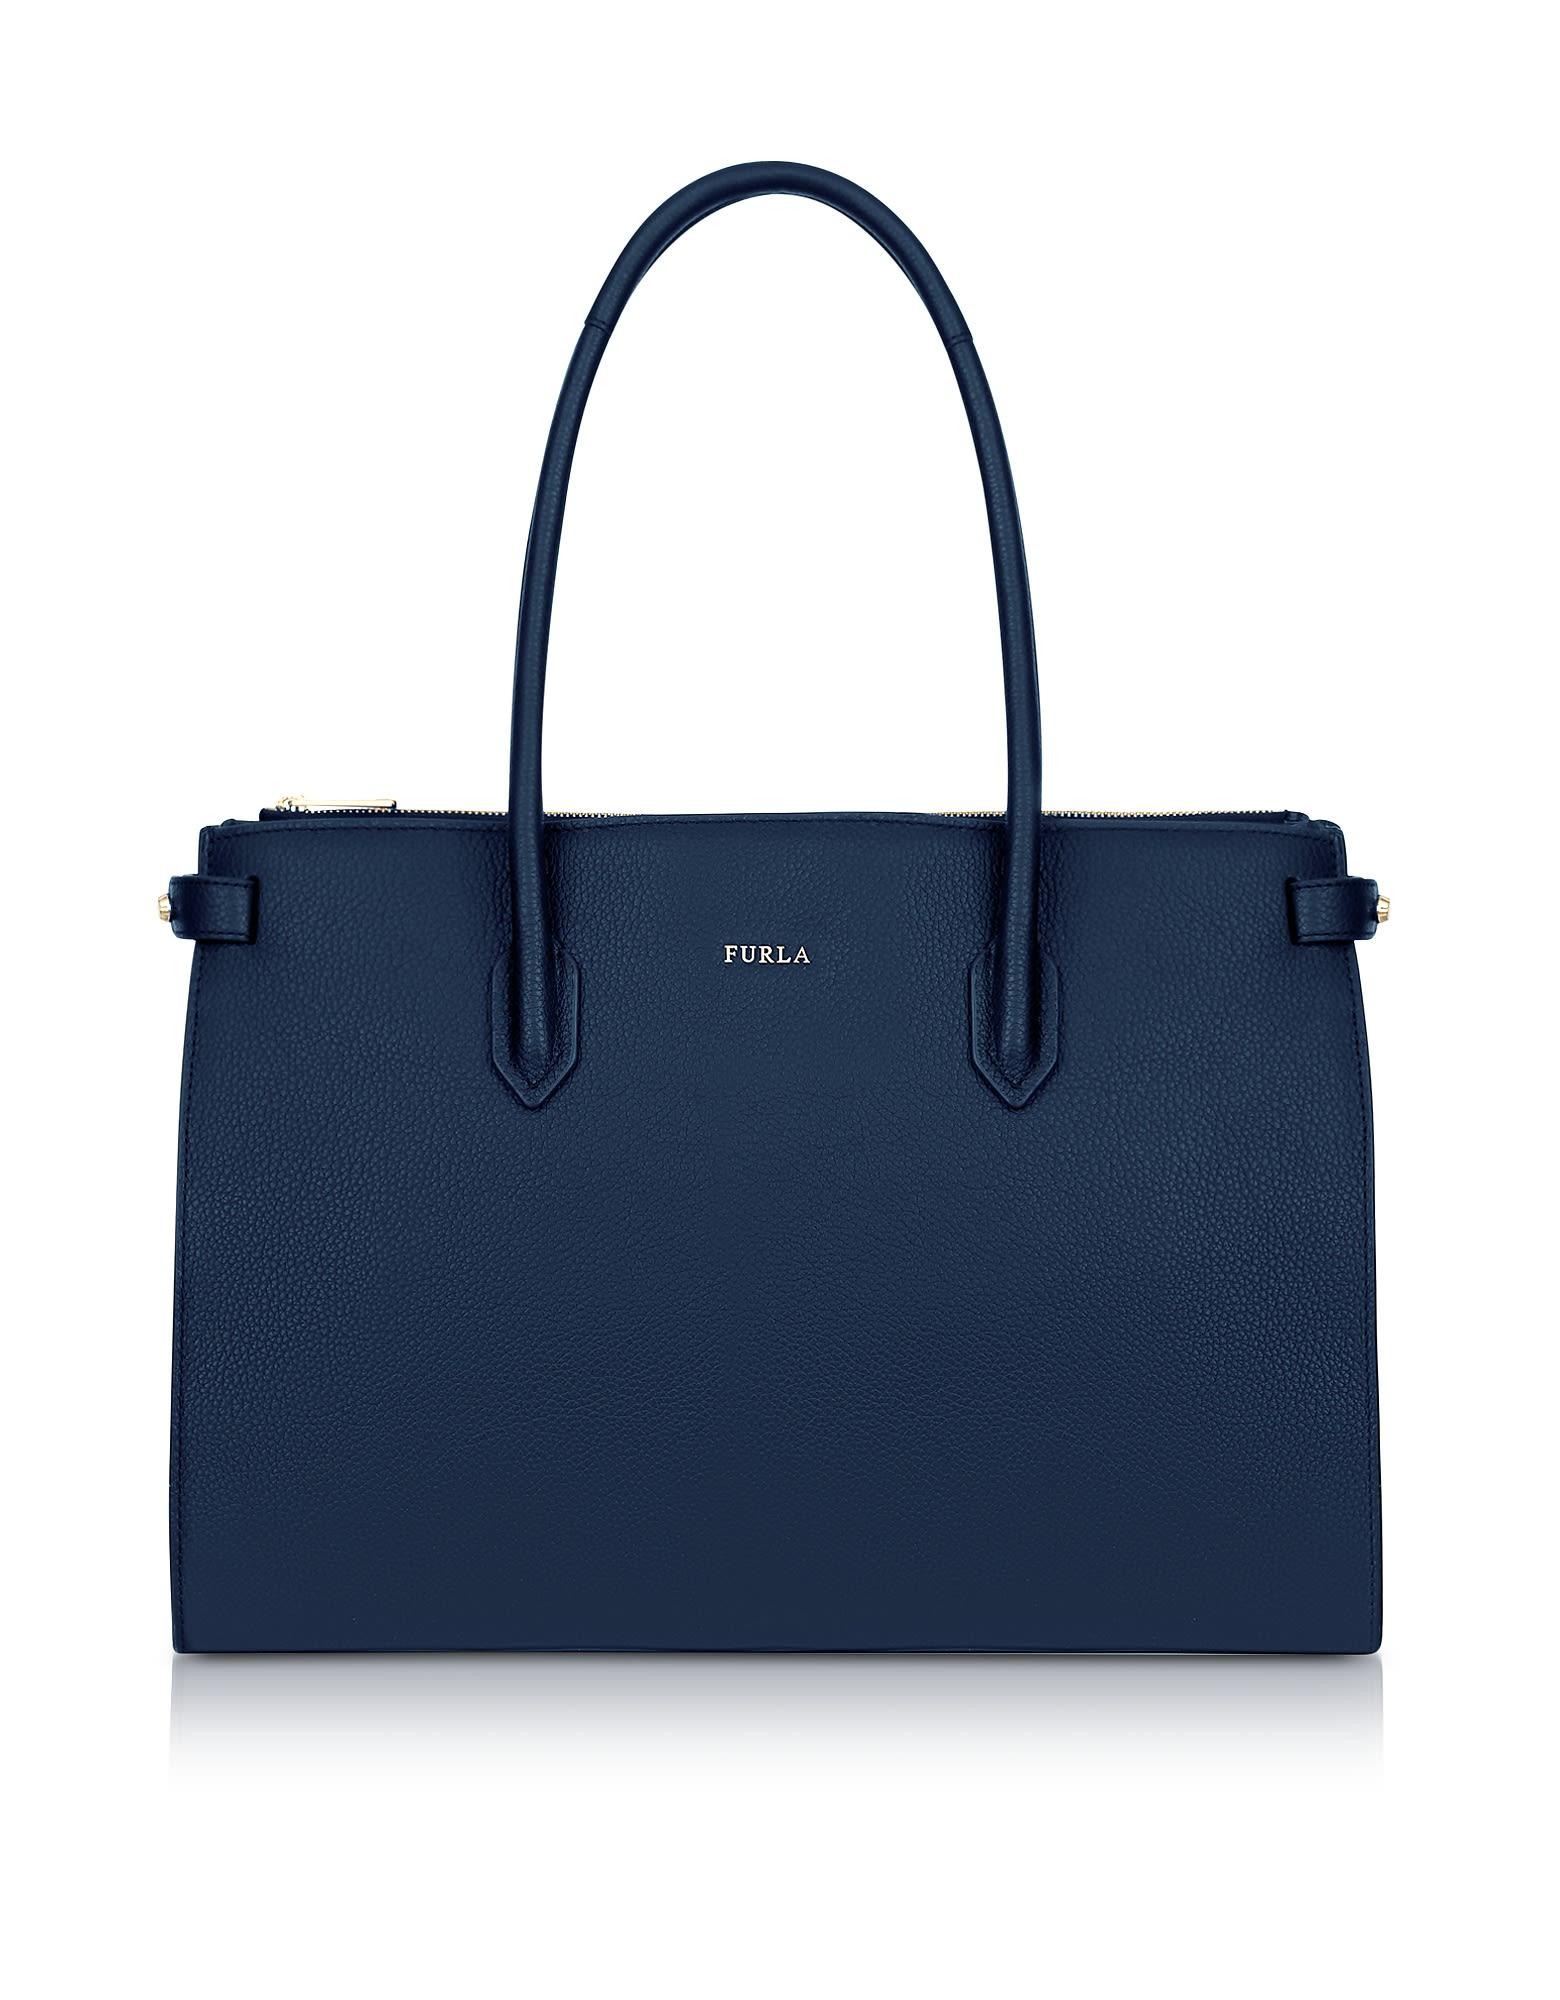 Furla Leathers BLUE LEATHER PIN MEDIUM E-W TOTE BAG